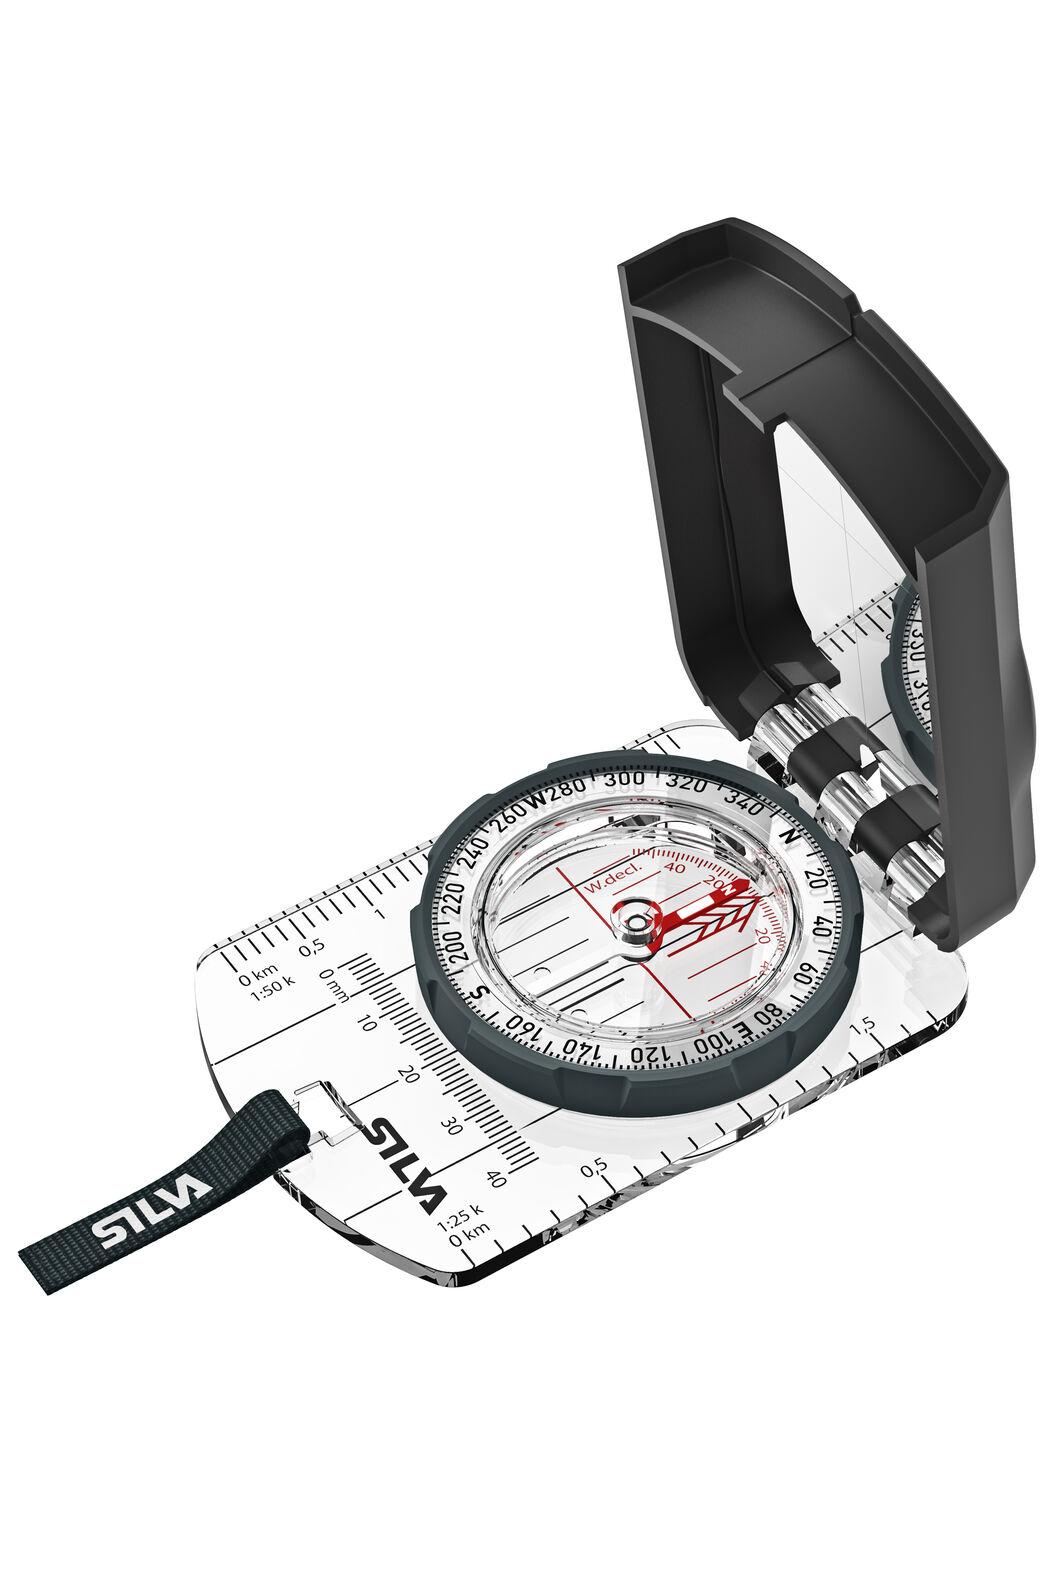 Silva Ranger S Compass, None, hi-res